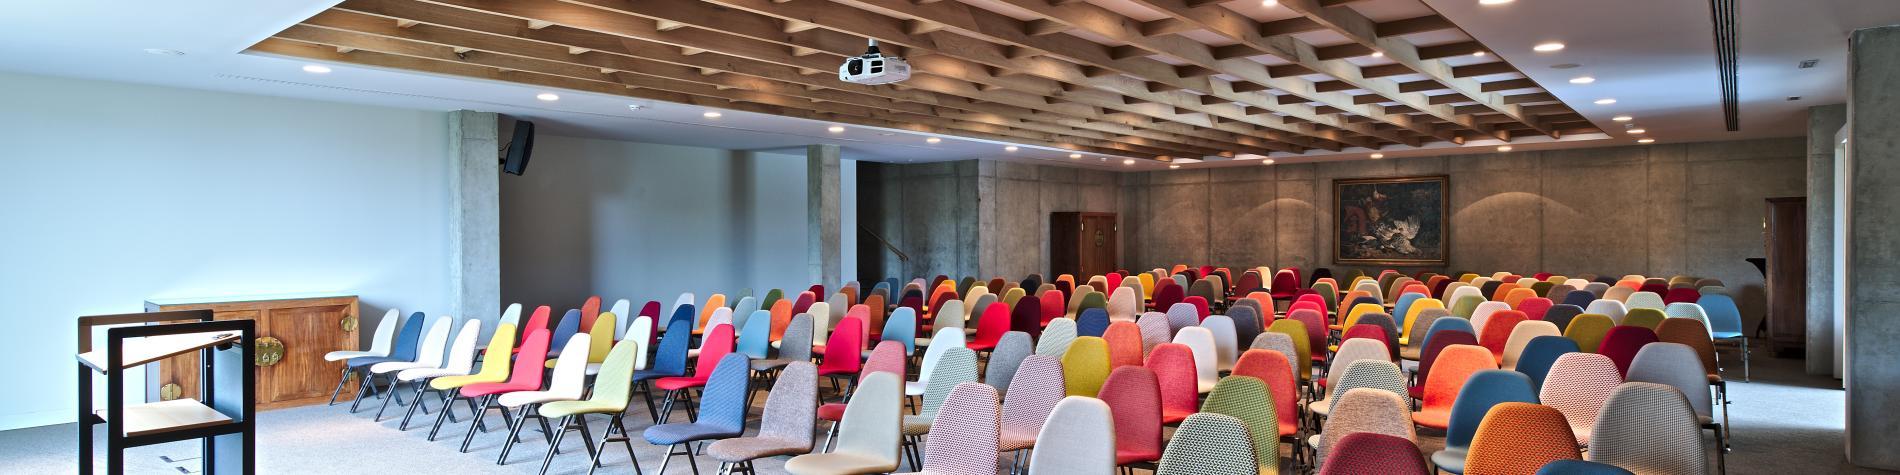 Naxhelet Golf Club, réunions, séminaires et conférences en Province de Liège